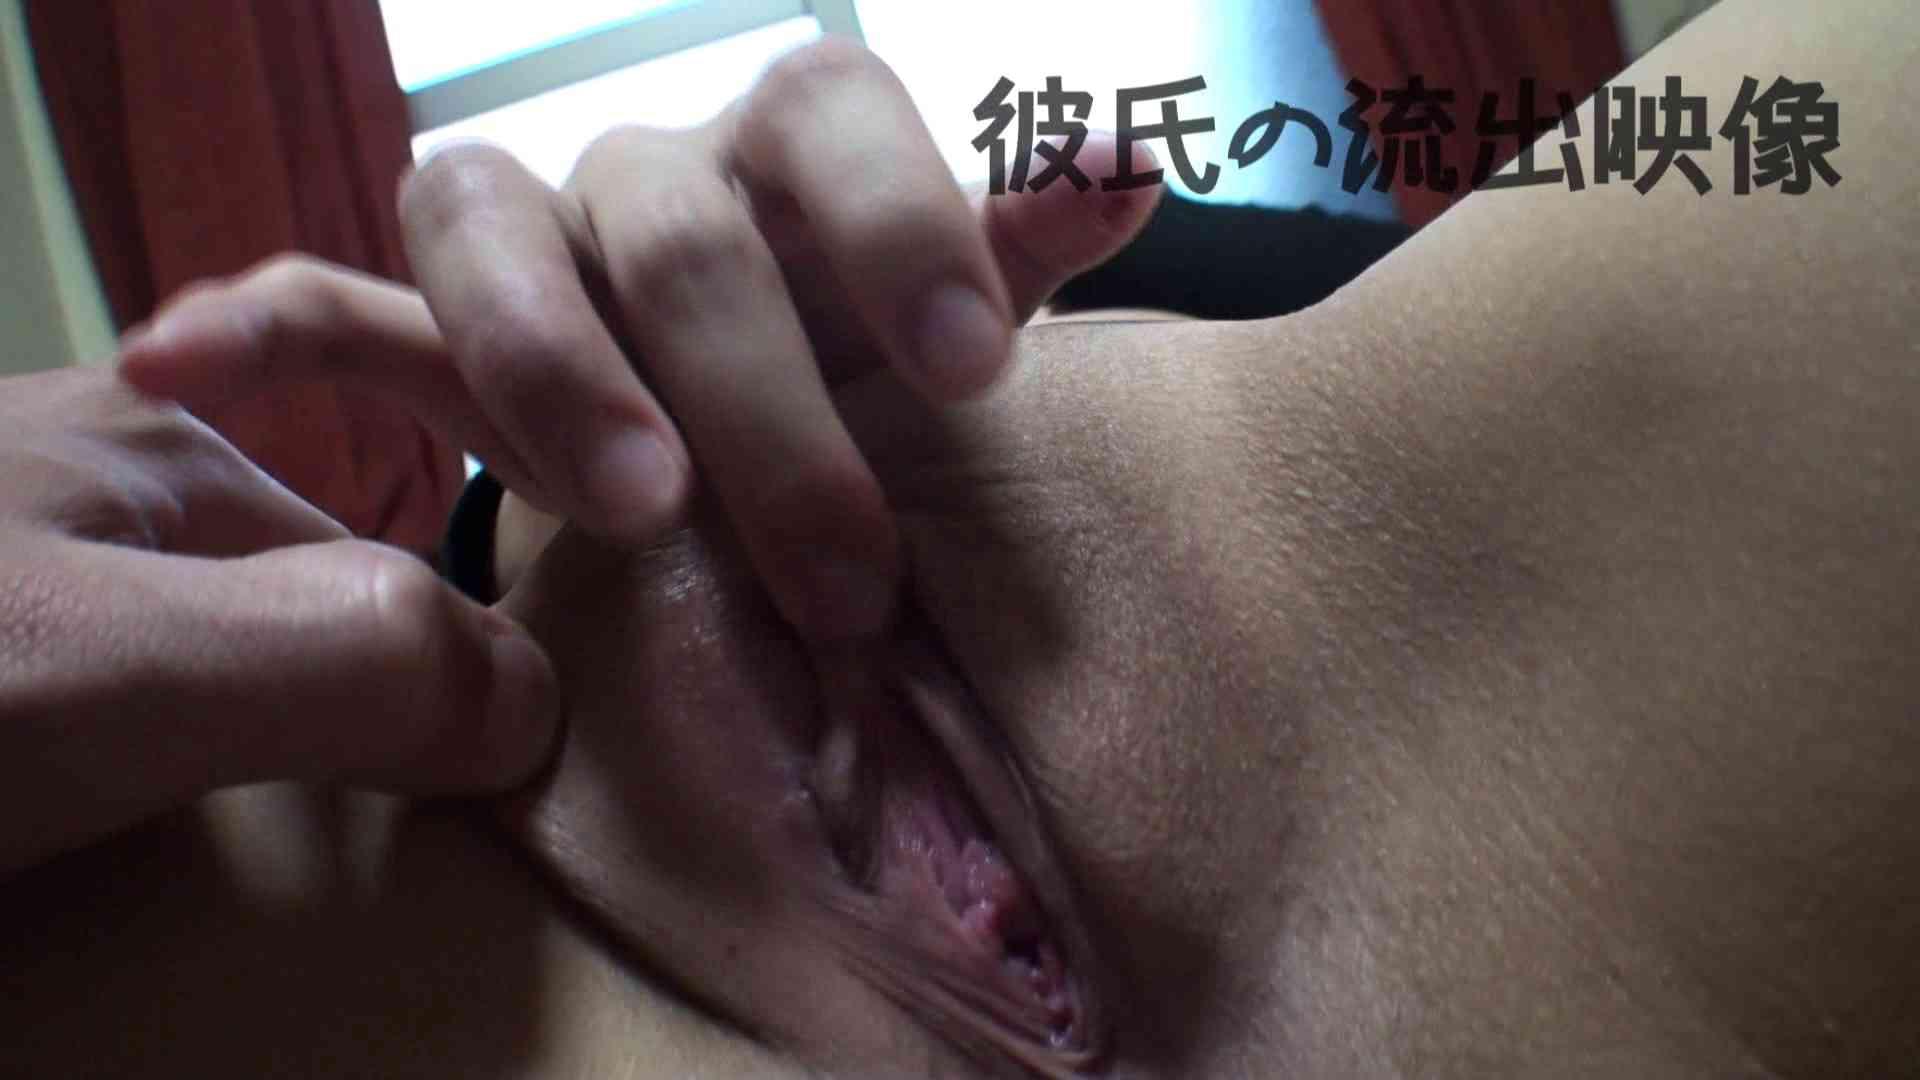 彼氏が流出 パイパン素人嬢のハメ撮り映像04 カップル | パイパン  61PIX 31